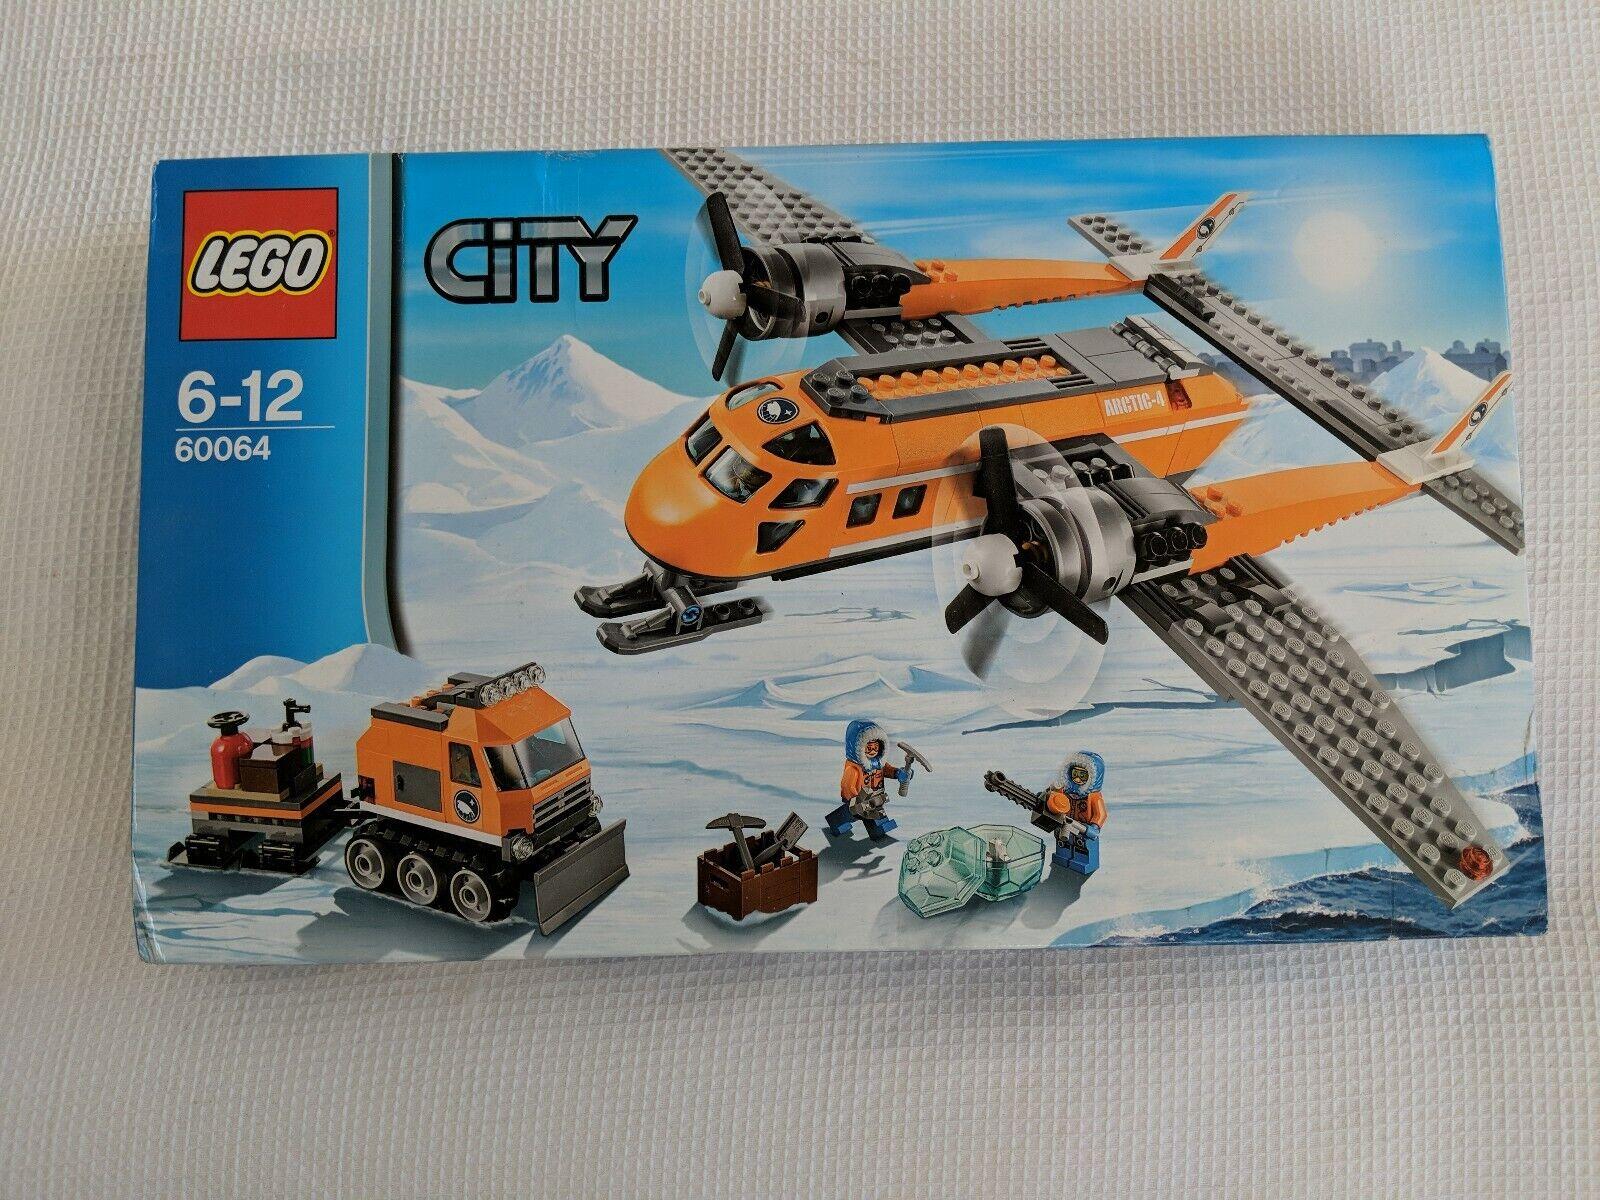 NEW SEALED LEGO 60064 CITY ARCTIC SUPPLY PLANE SET